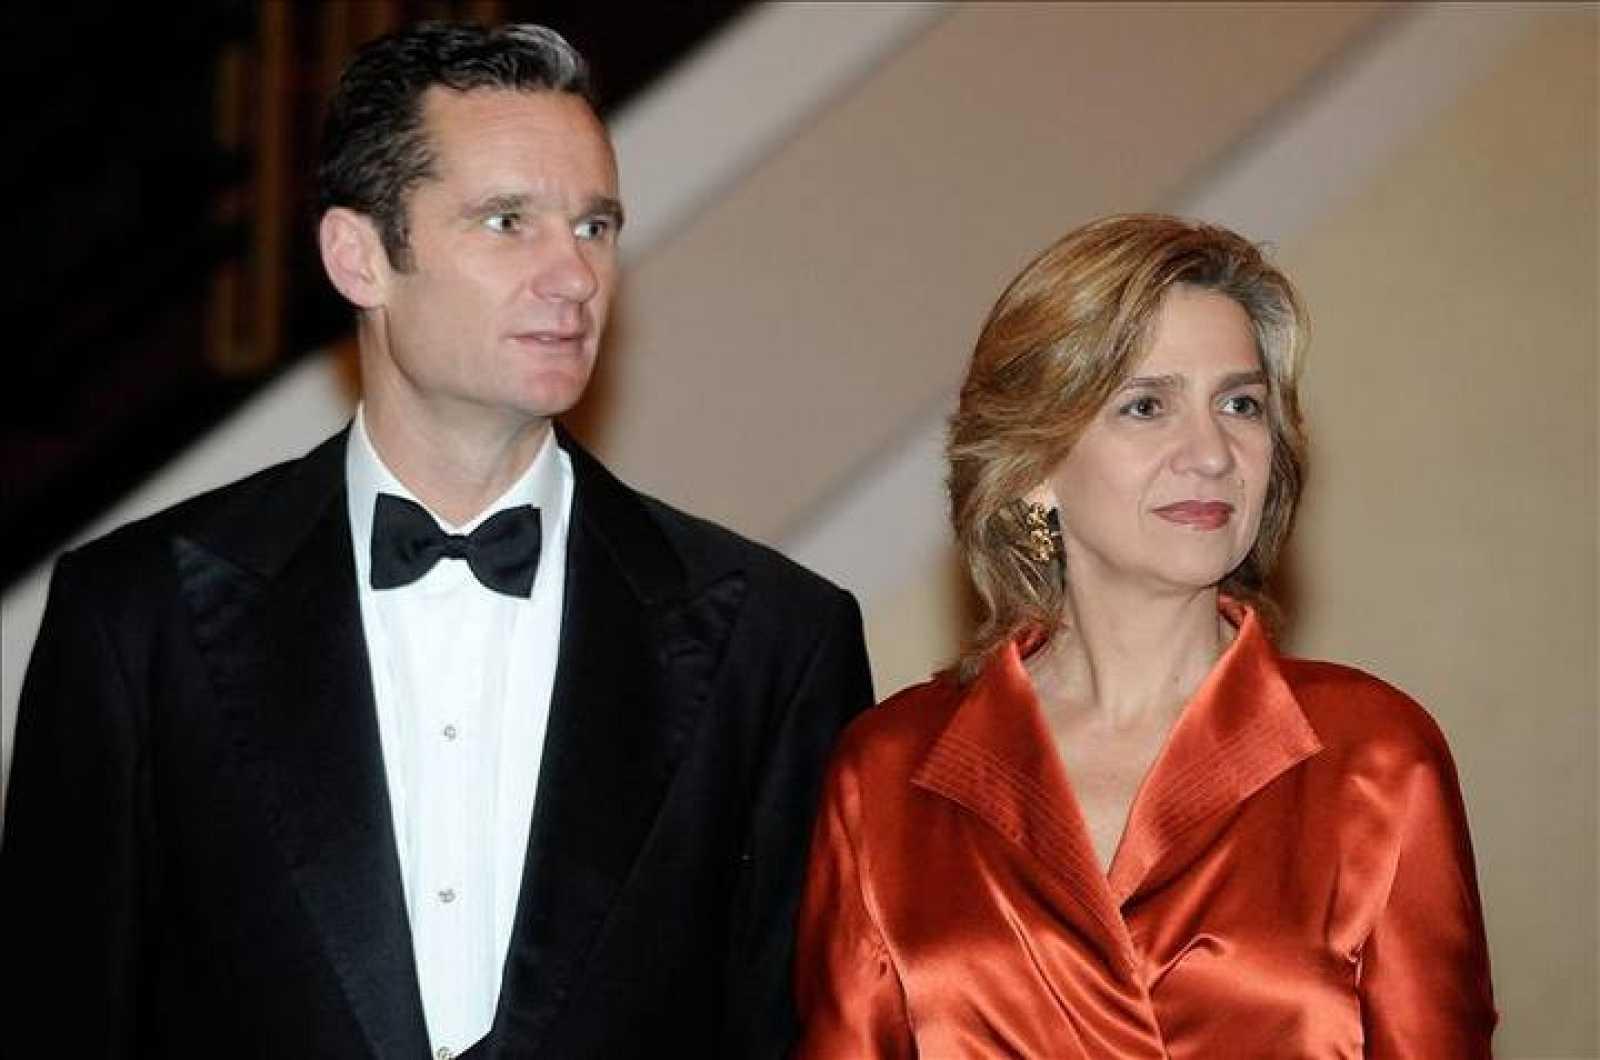 Los duques de Palma, Iñaki Urdangarin y la infanta Cristina, en una imagen de archivo.